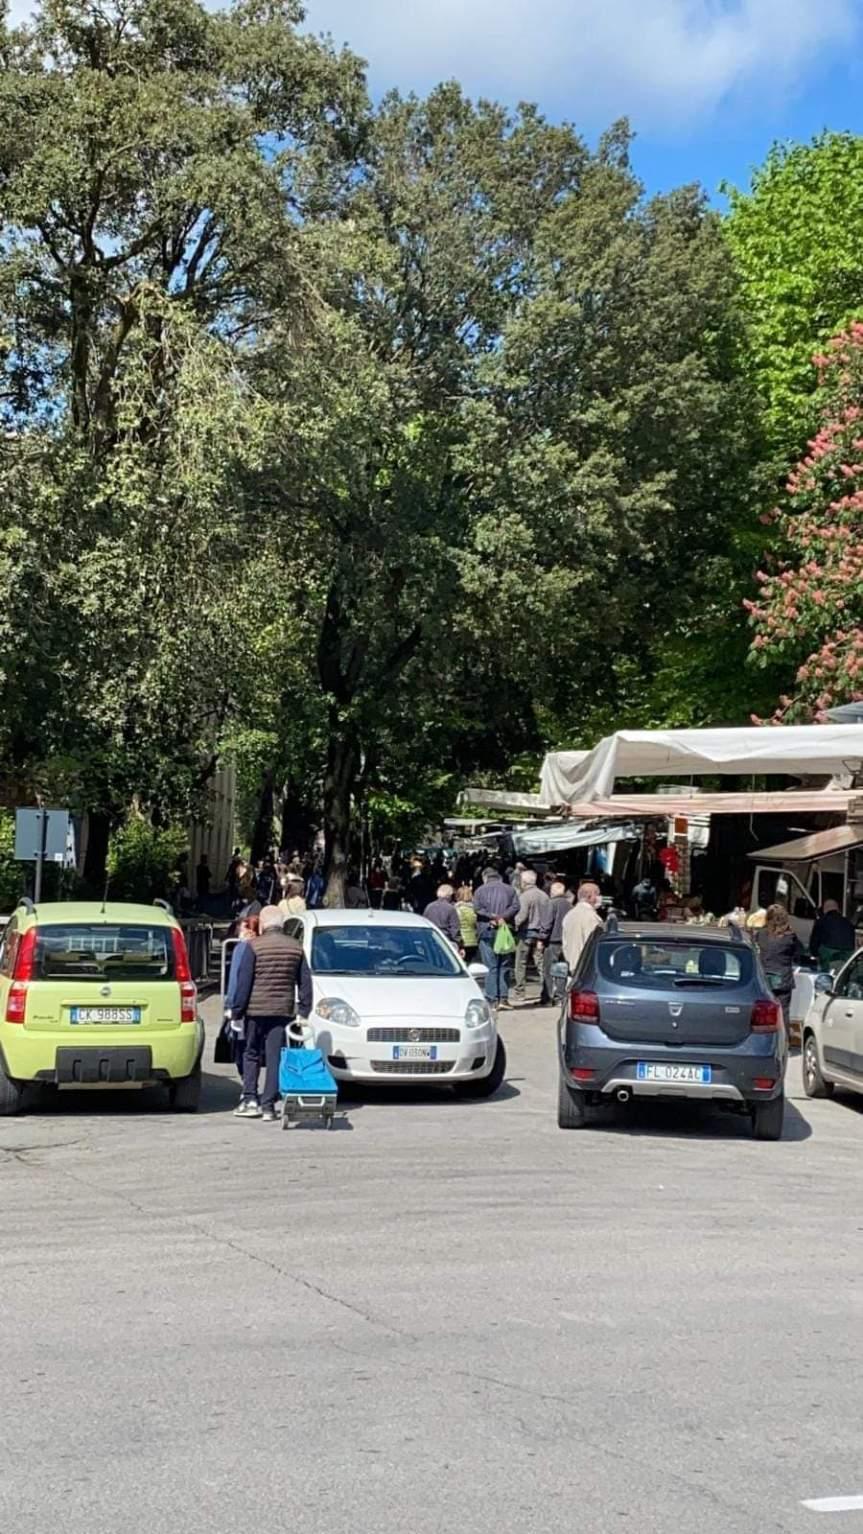 Siena: Il 27 maggio il mercato settimanale riaprirà con tutti i settorimerceologici